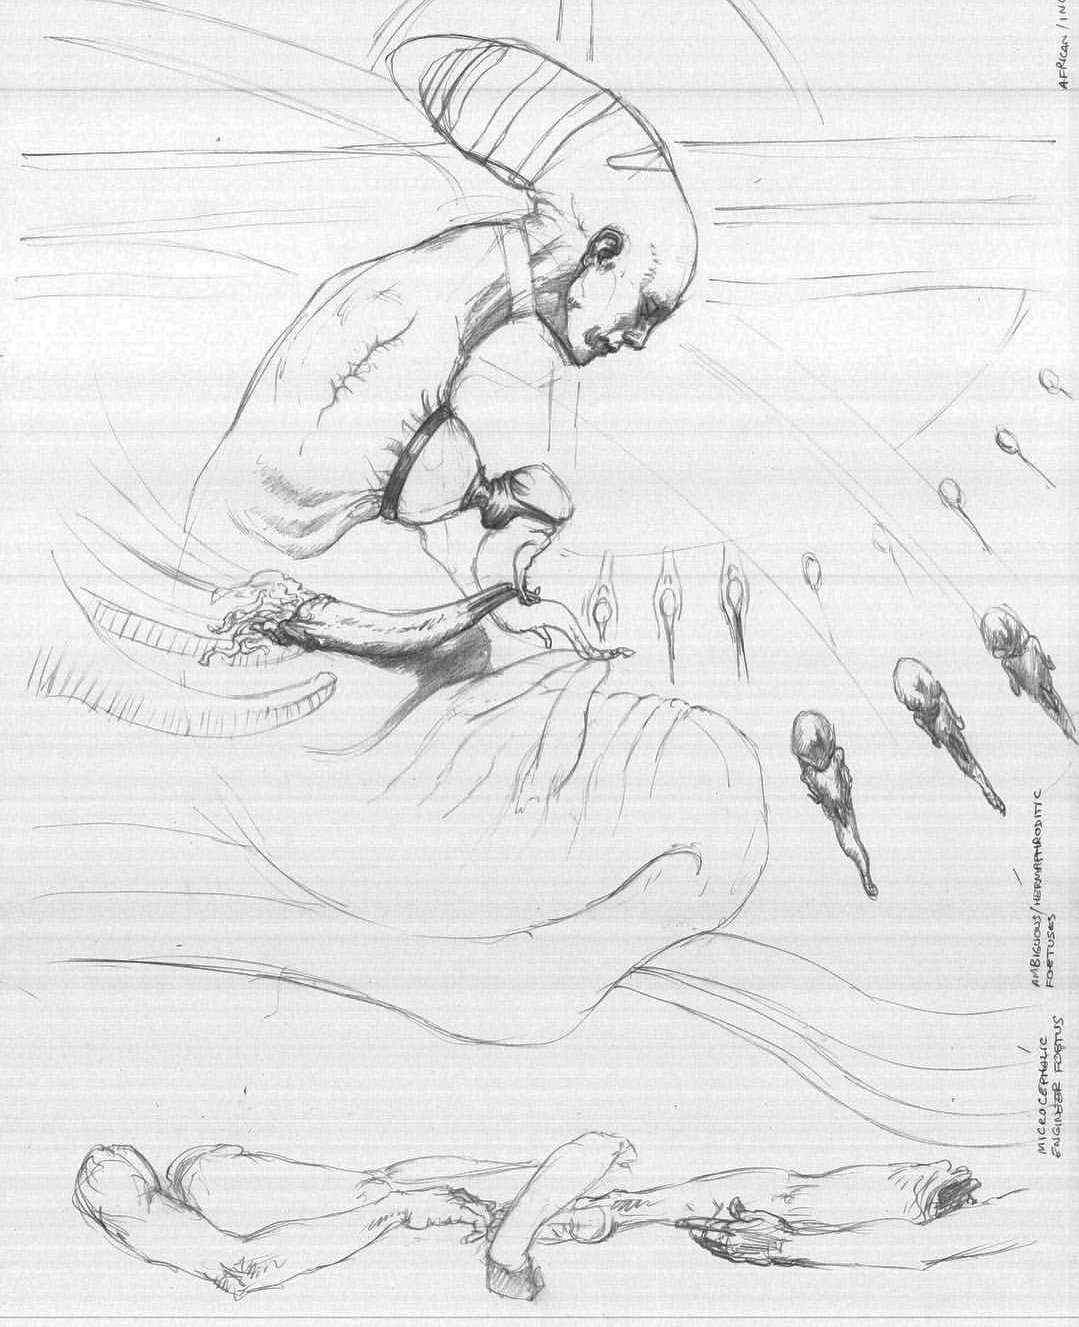 Matt Hatton, один из художников работавший над концептами Чужой Завет, выложил в своем Instagramранее отвергнутые Скоттом концепты одержимости Дэвида доктором Шоу.